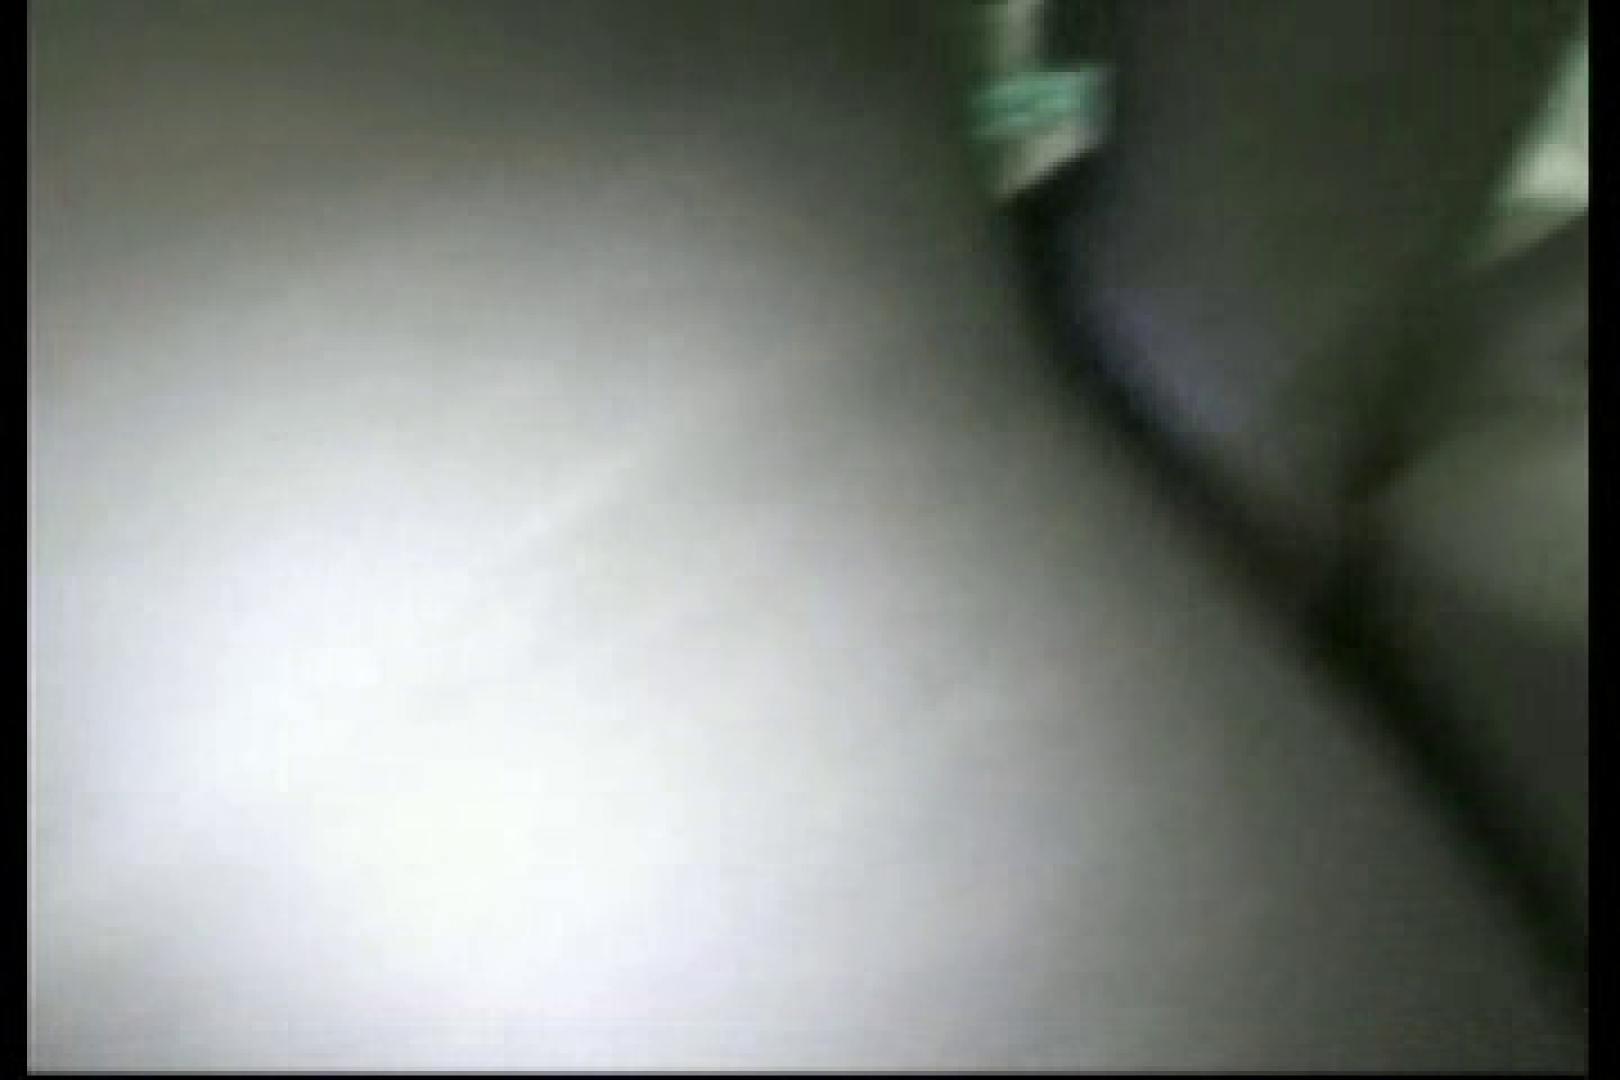 【流出ハメ撮】とにかく凄いぜ!!ケツまんFighters!! Vol.05 仰天アナル ゲイモロ画像 94pic 48